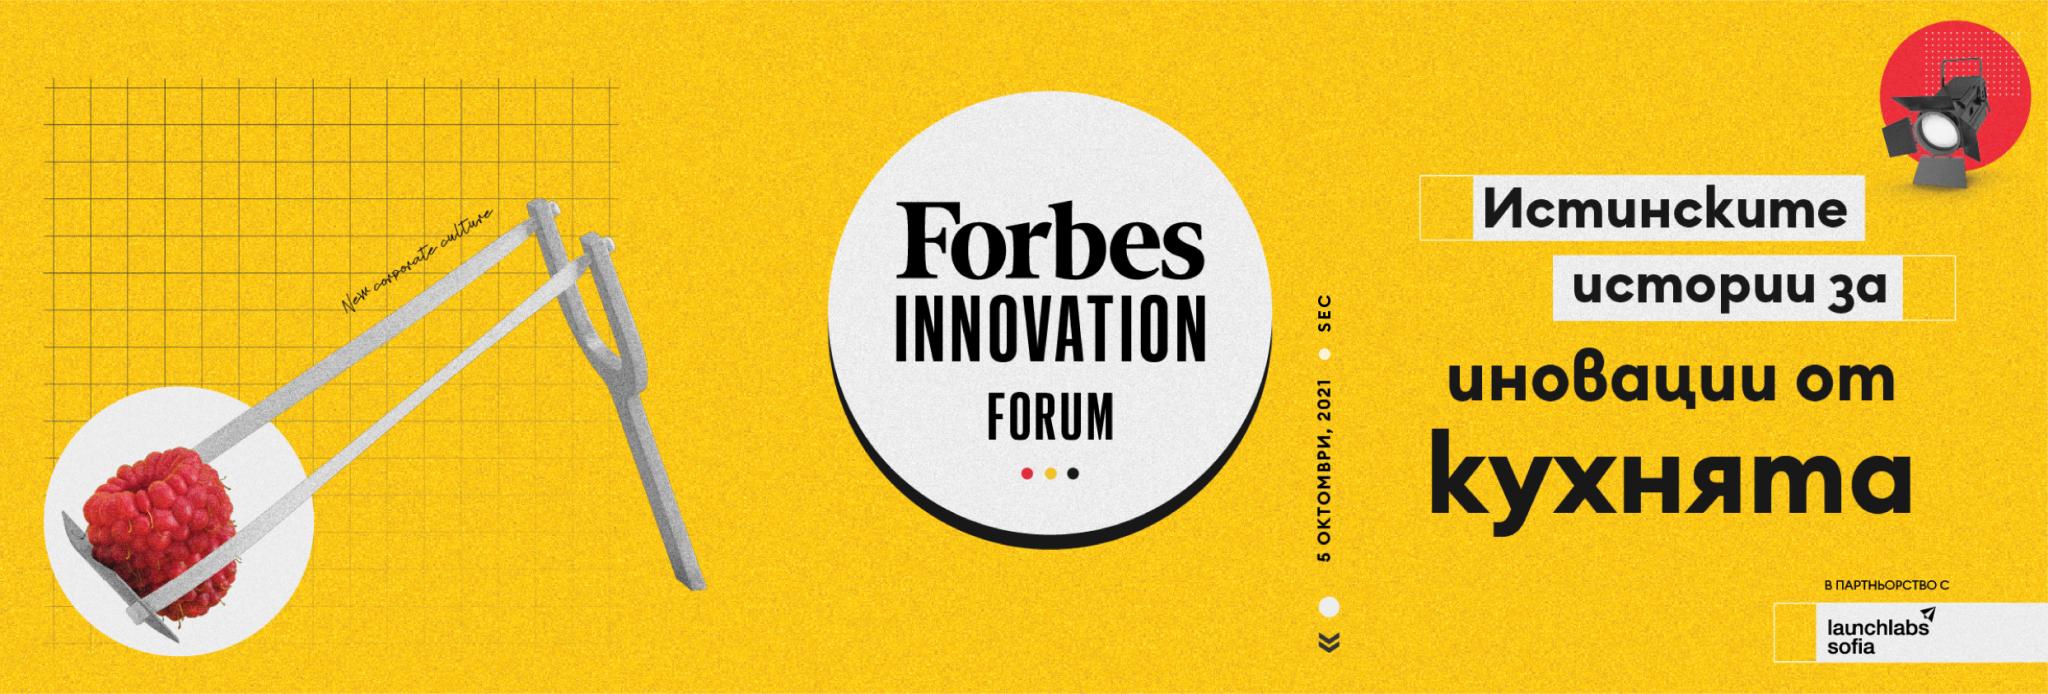 Forbes-Innovation-Forum-21-Header